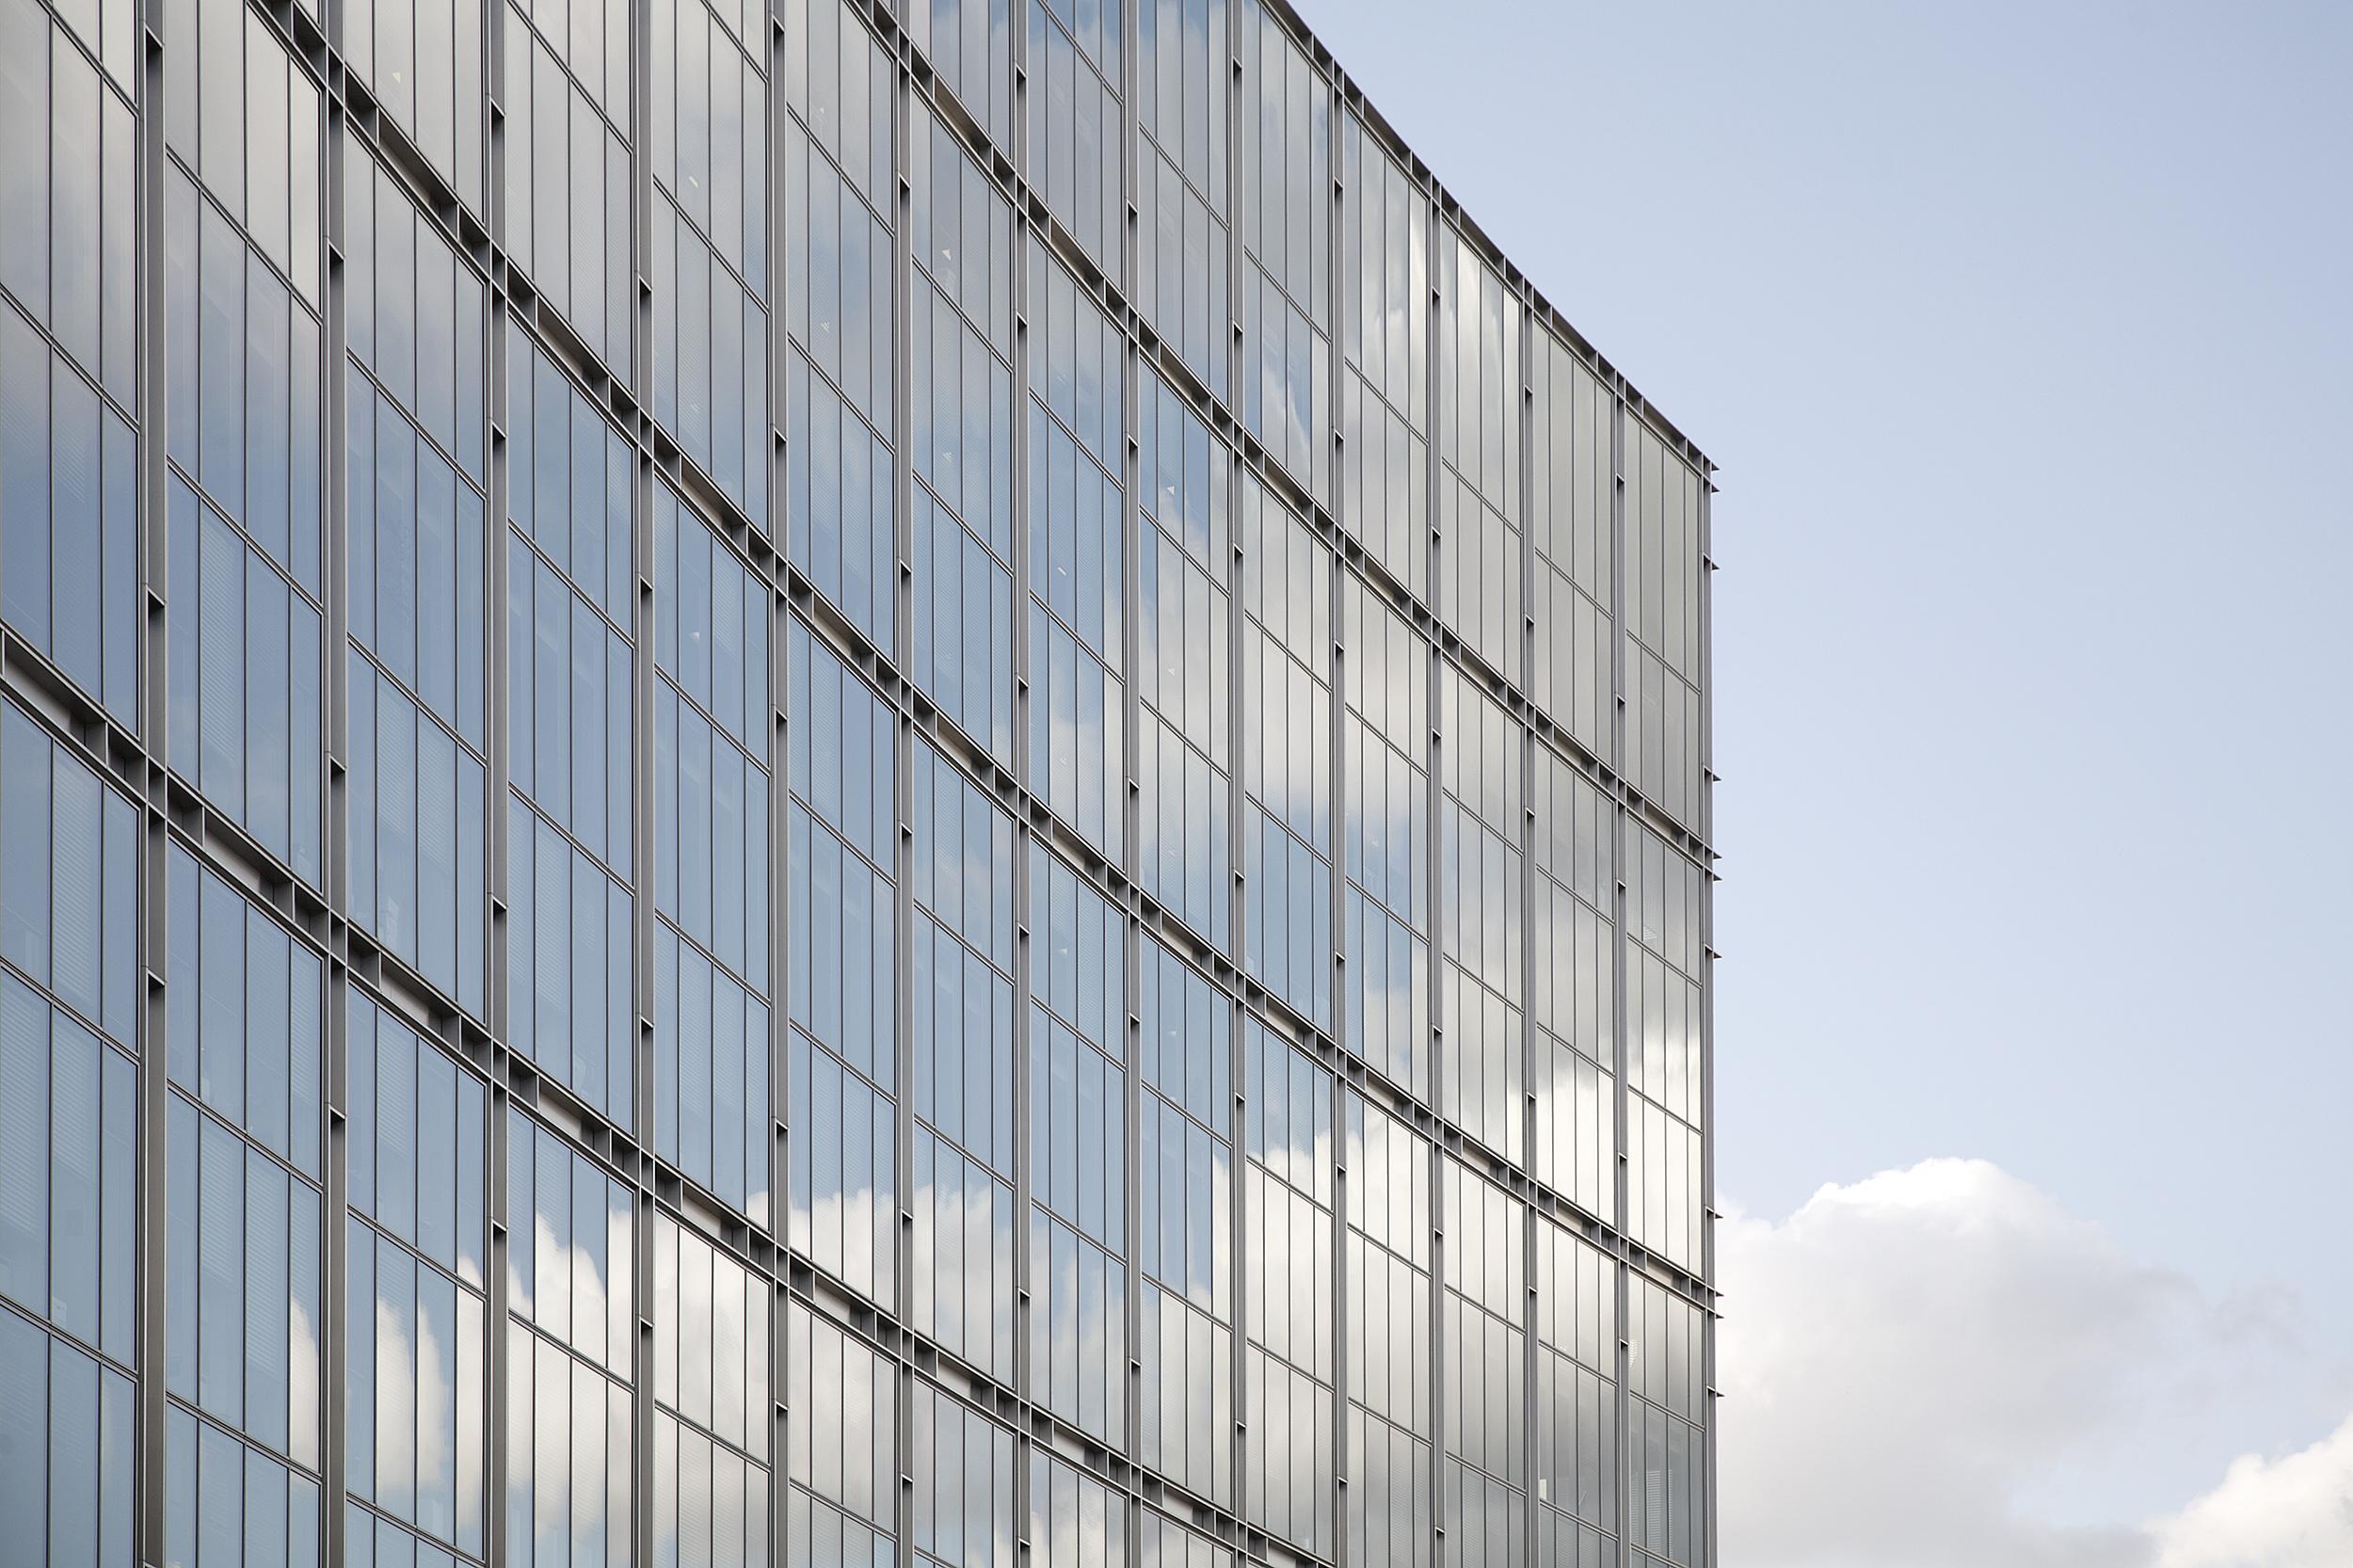 Broadgate Tower, Skidmore, Owings & Merrill